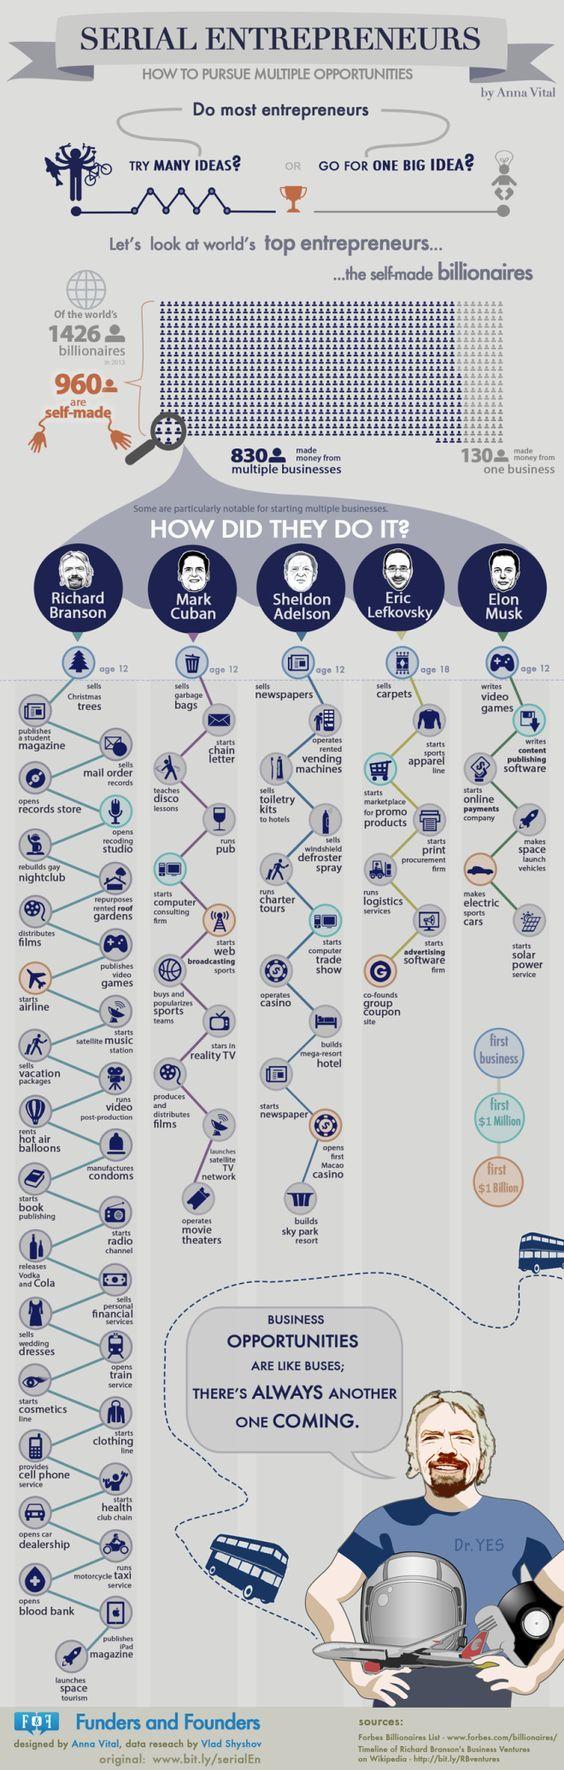 Serial Entrepreneurs.jpg